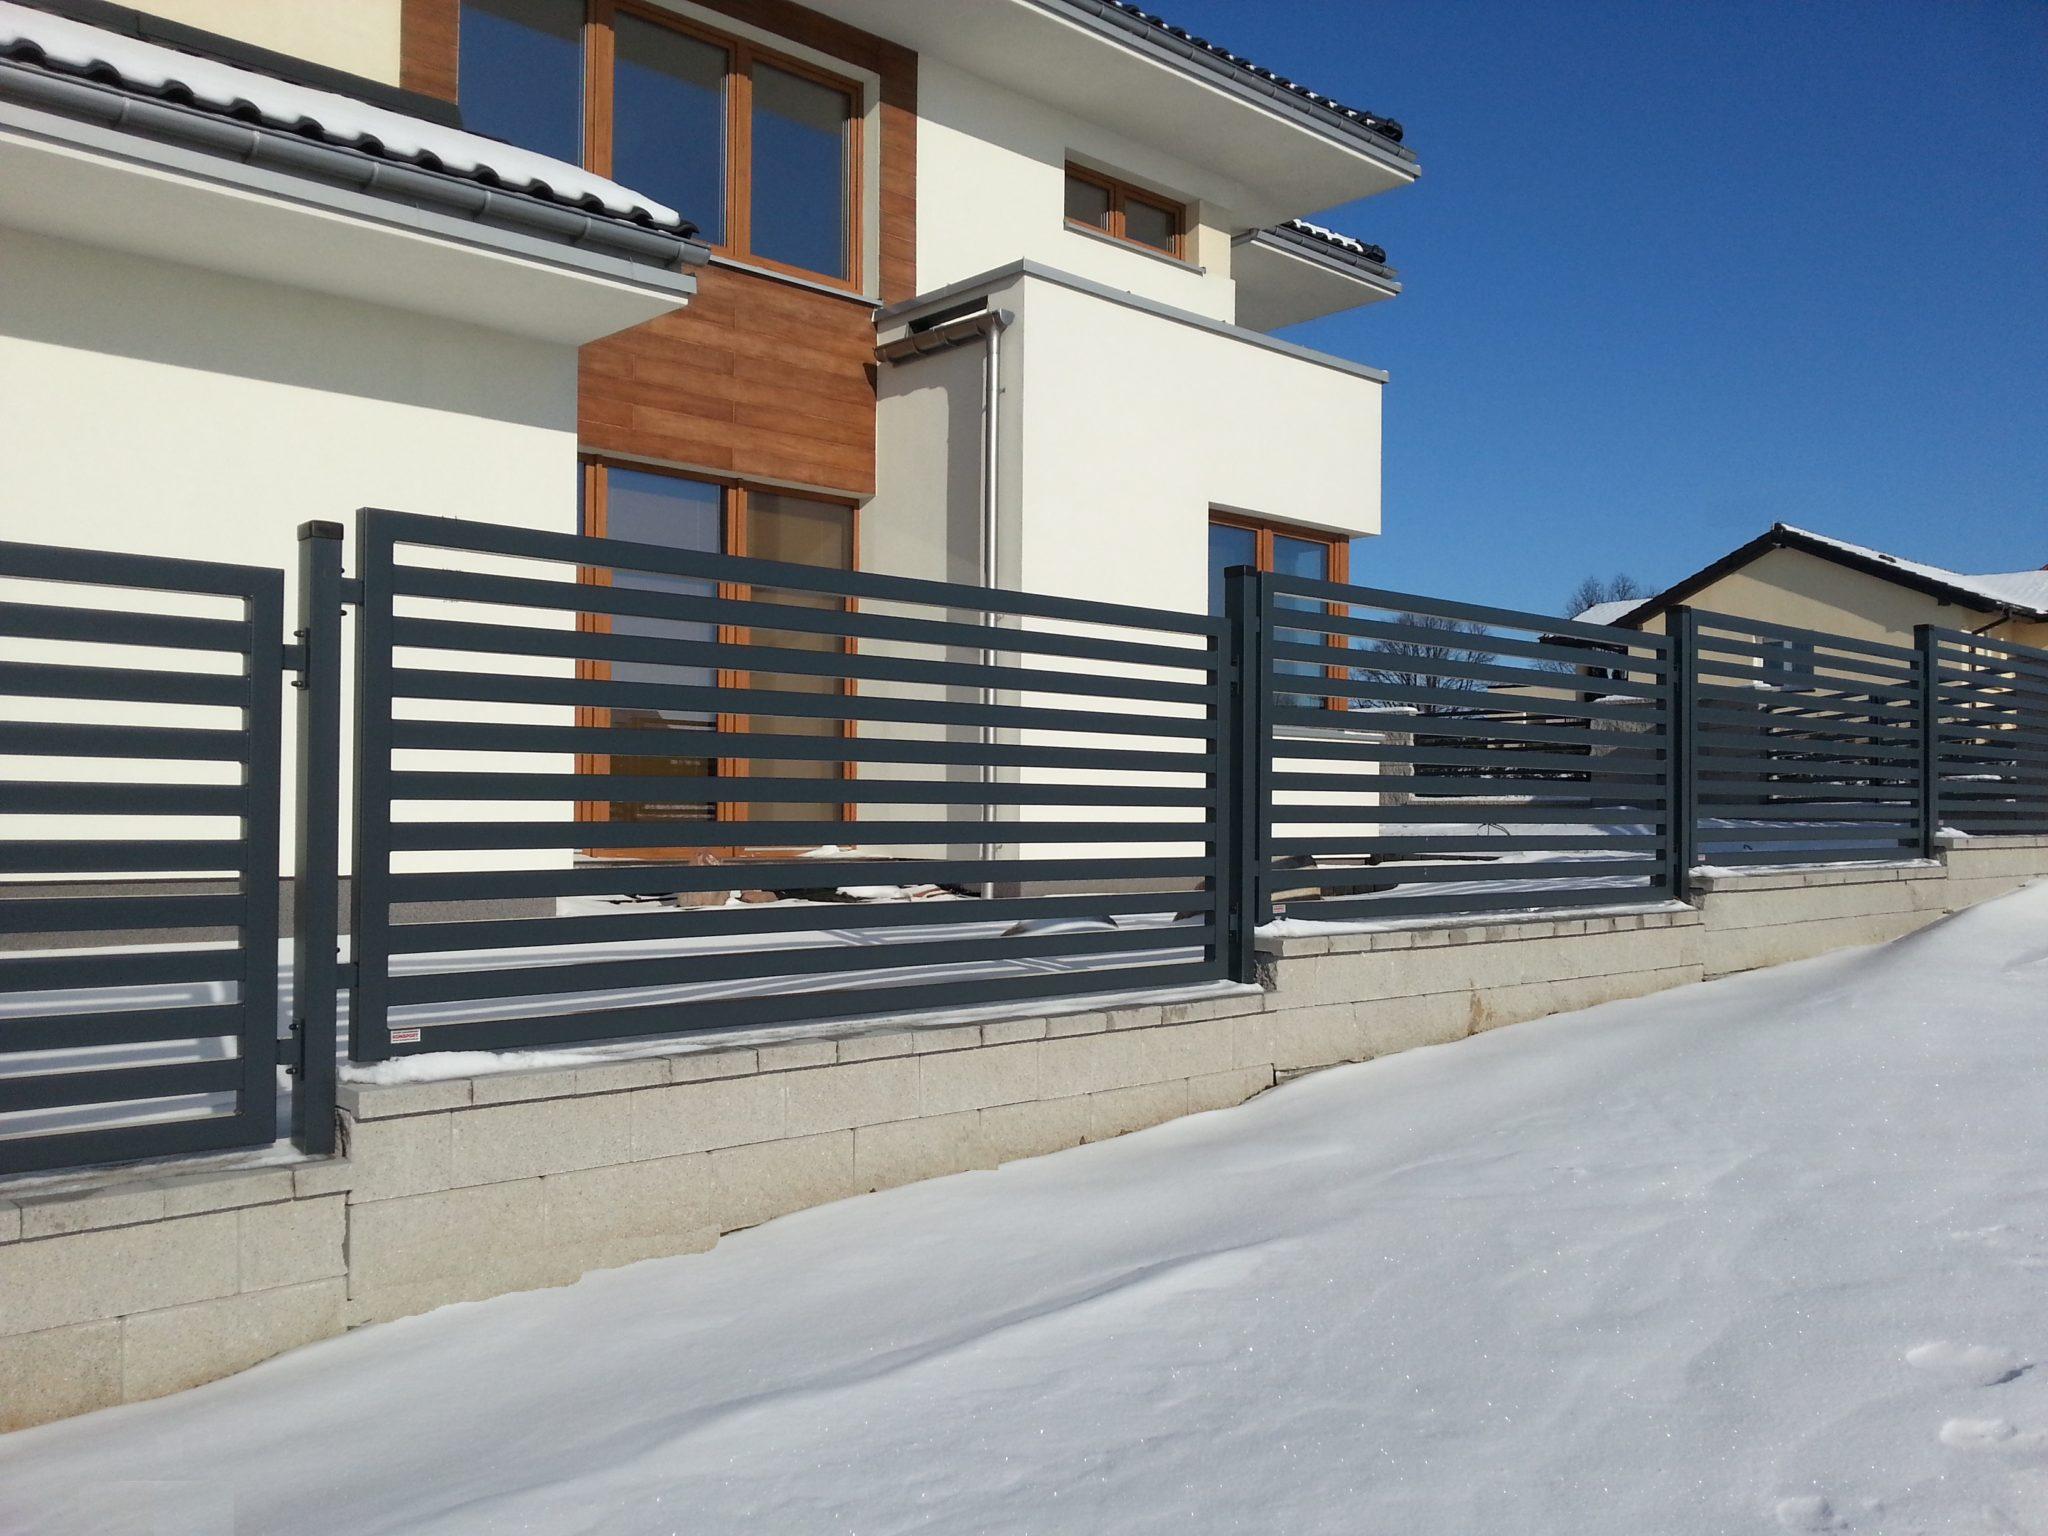 Top Fence Hurtownia Ogrodzeniowa Produkcja Sprzedaz Oraz